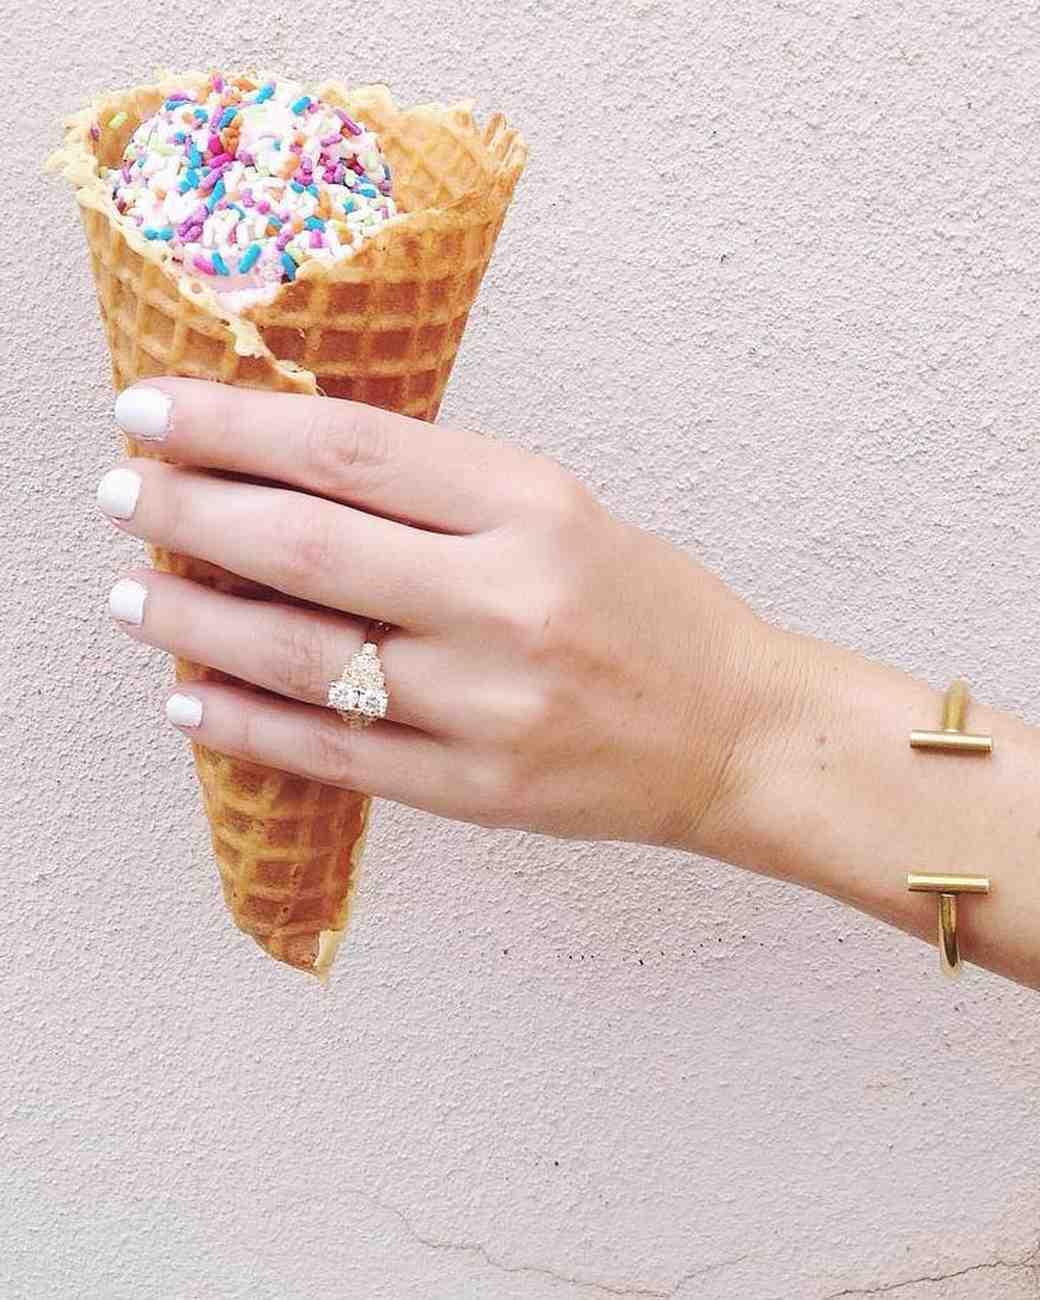 engagement-ring-selfies-ice-cream-cone-sprinkles-0216.jpg